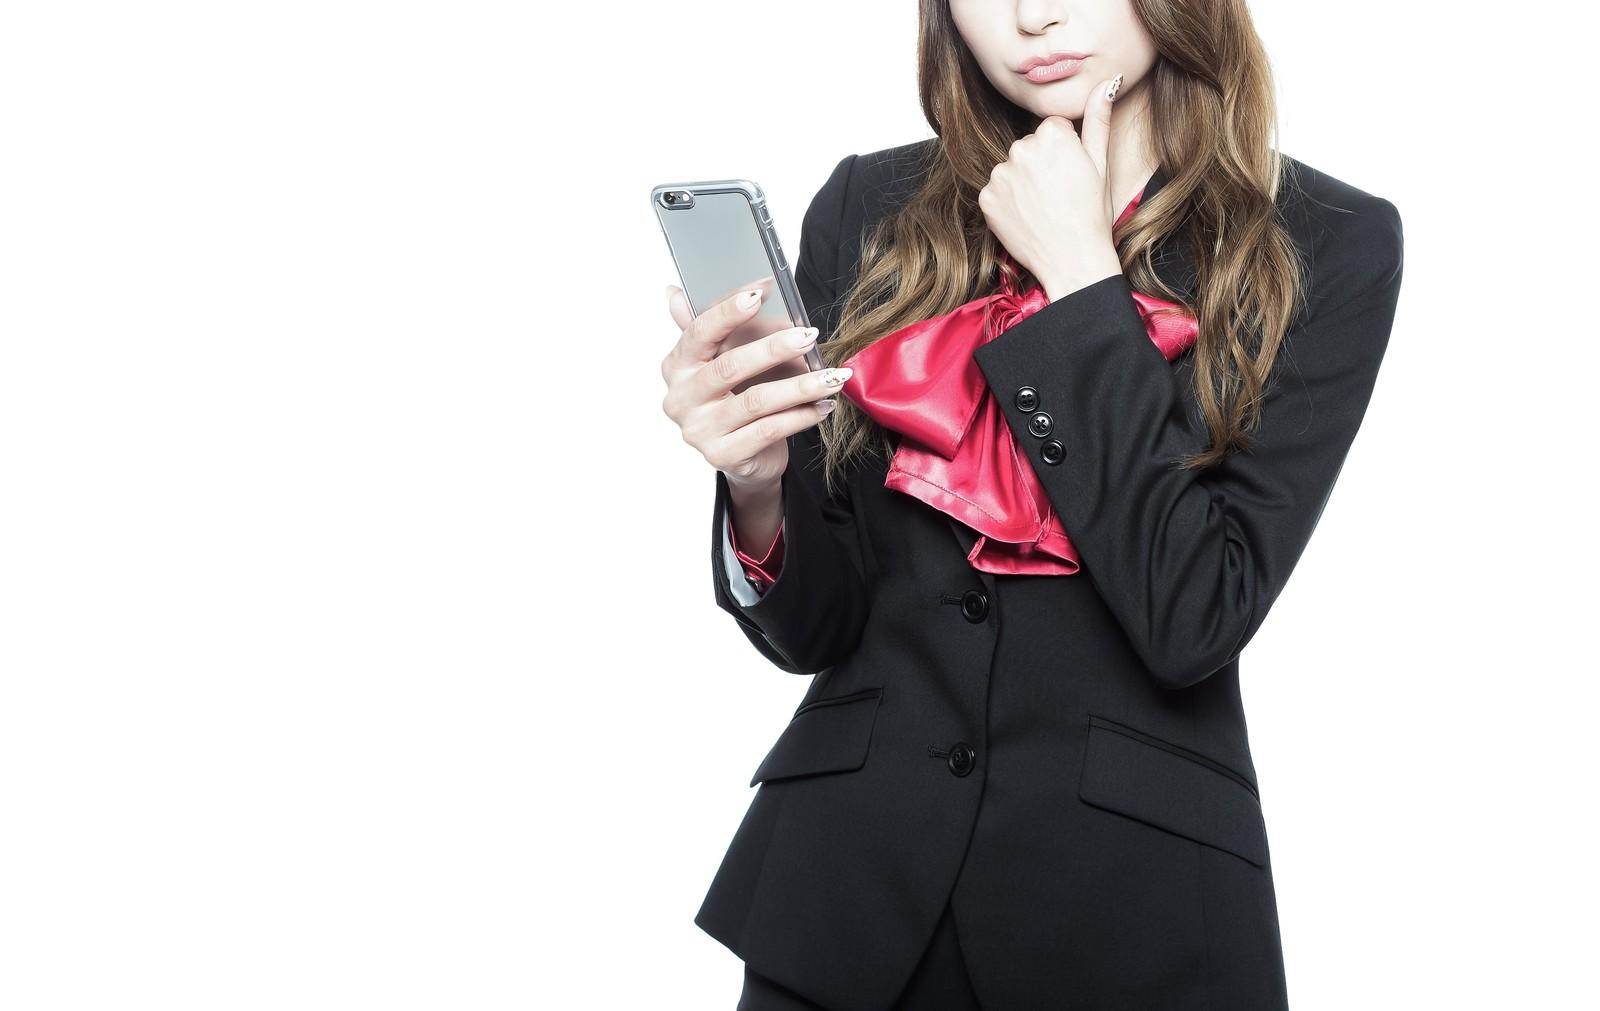 本当に会えるの?出会い系登録後から女性と会えるまでの手順と期間の目安